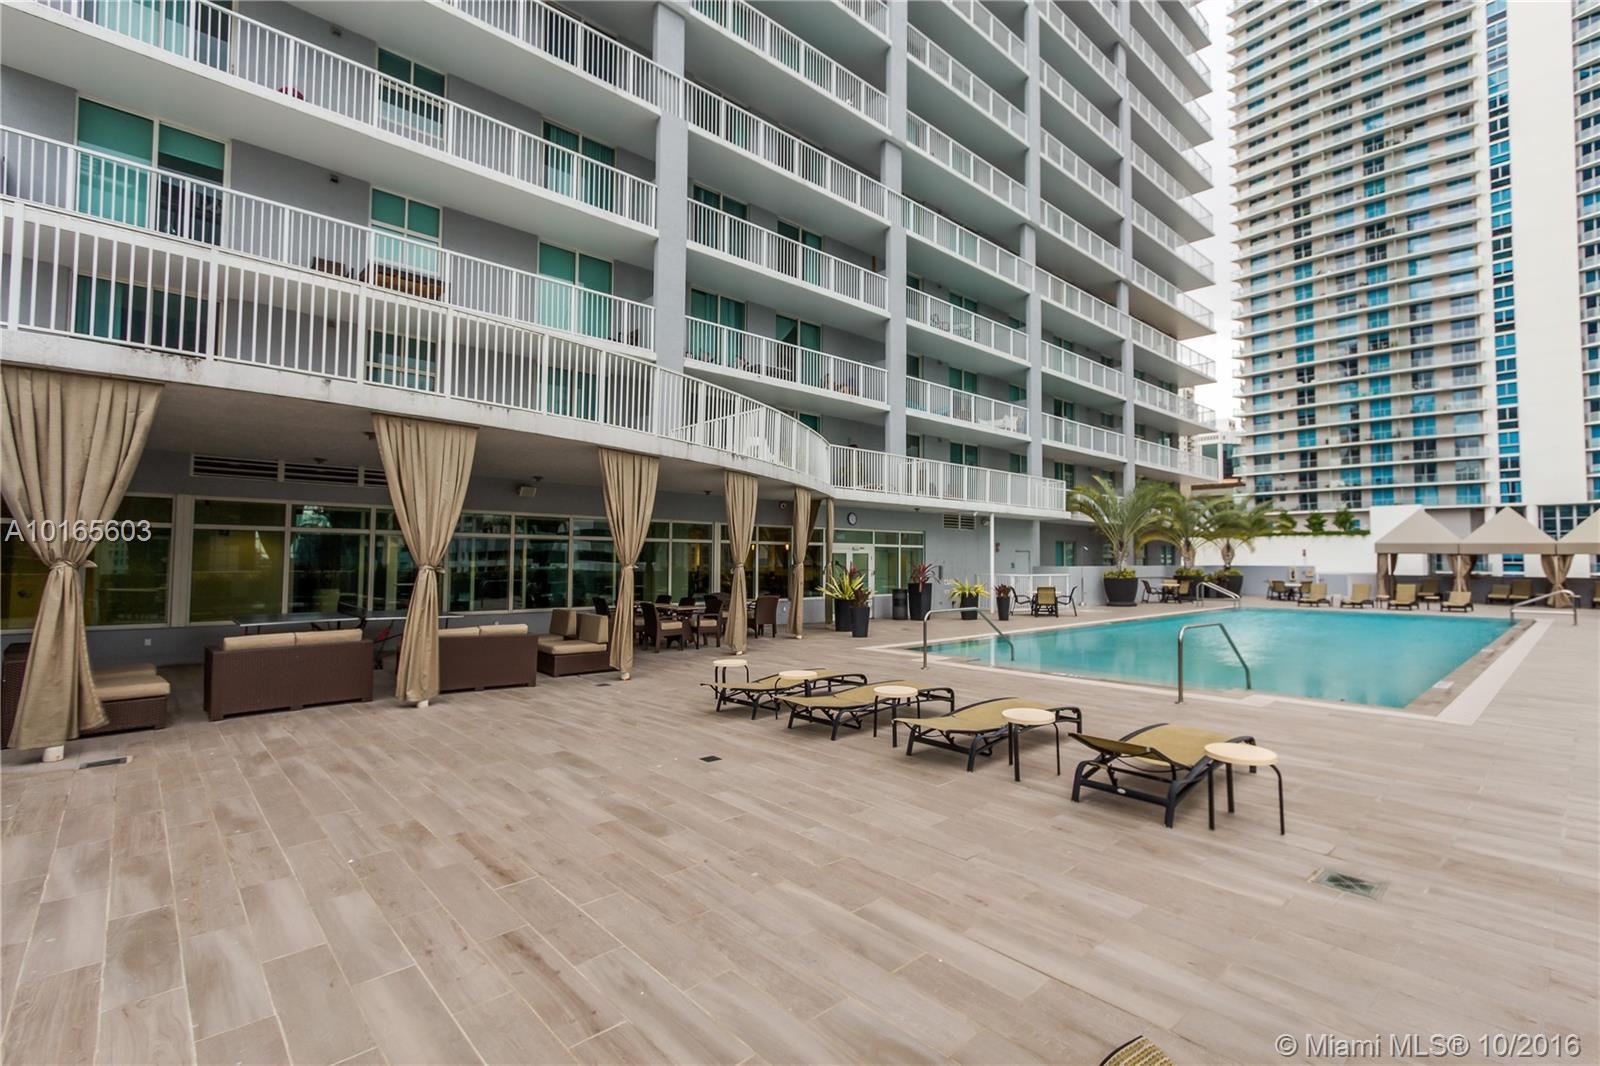 1250 Miami ave-2104 miami--fl-33130-a10165603-Pic25